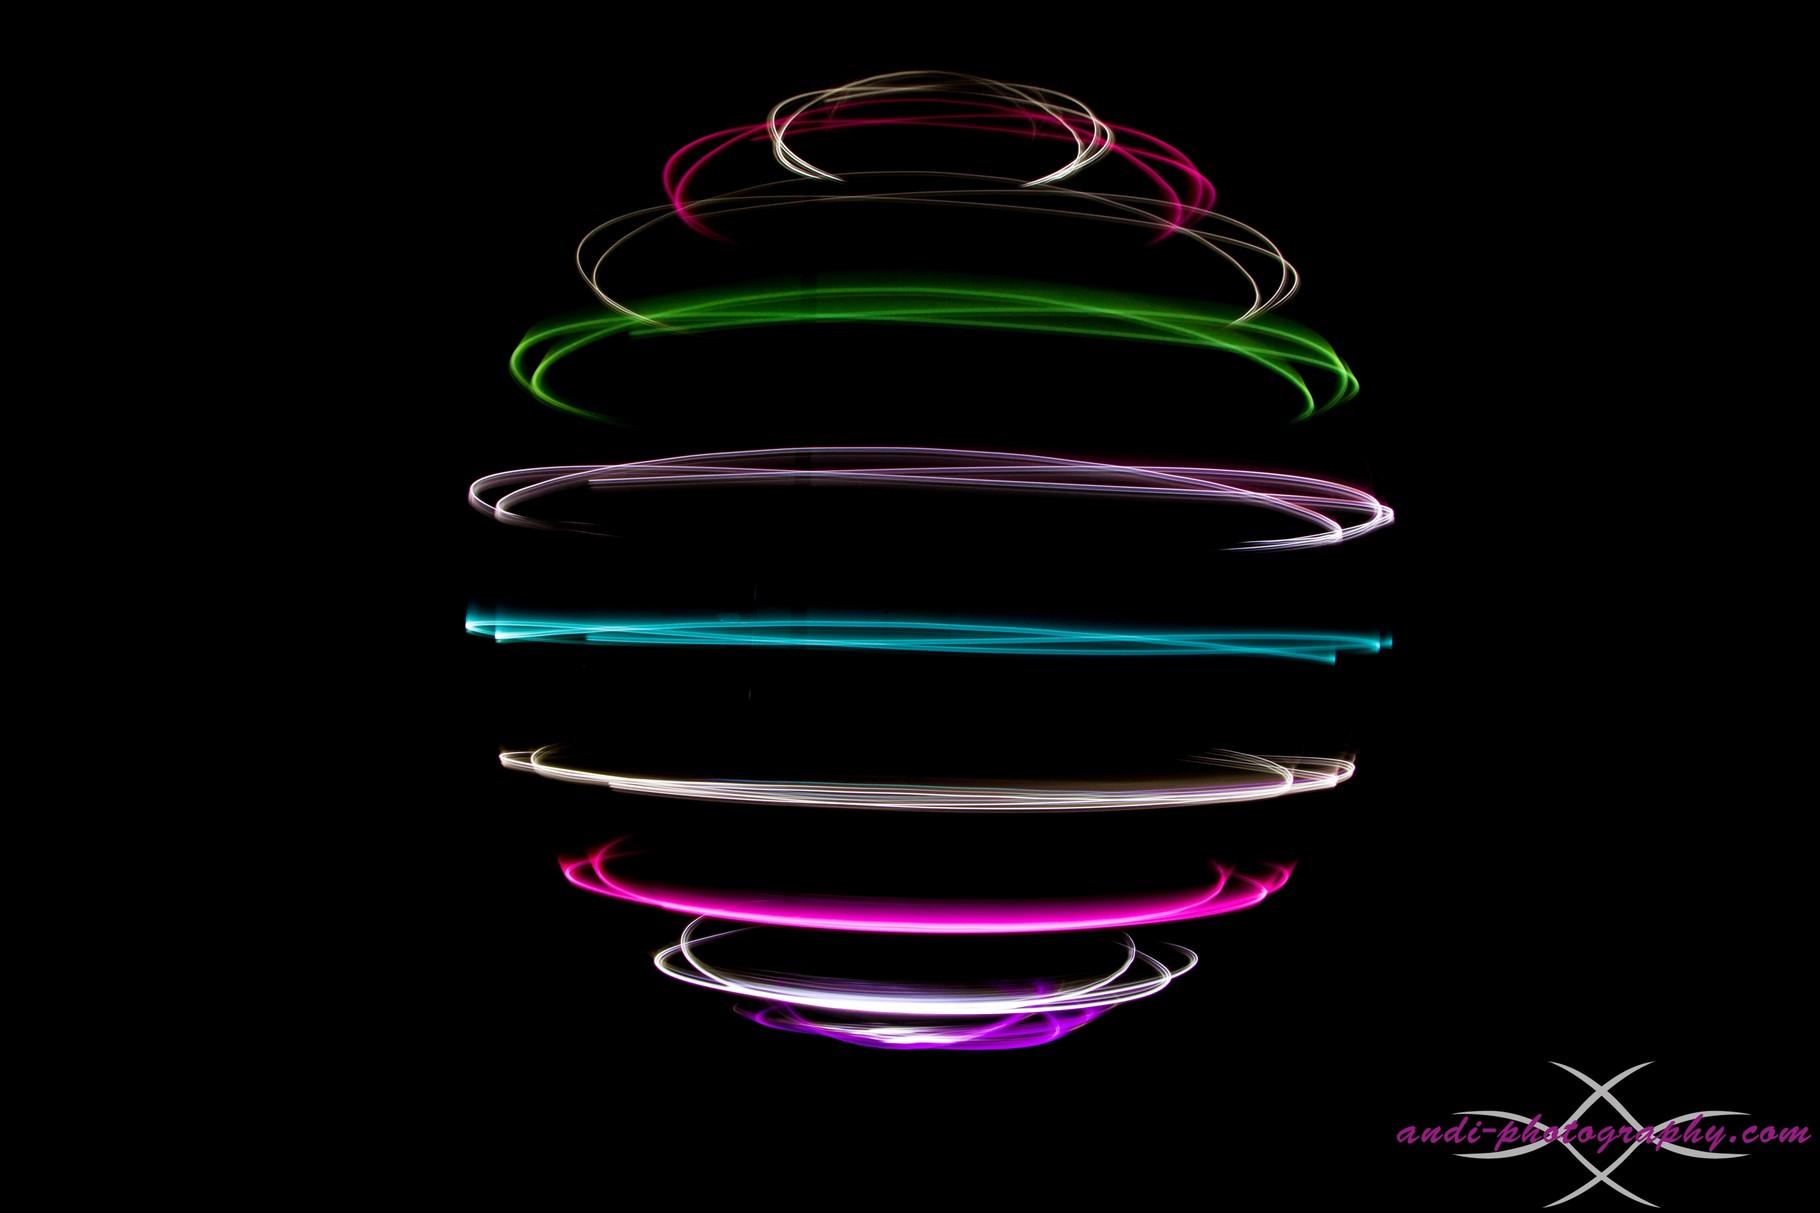 Lightpainting